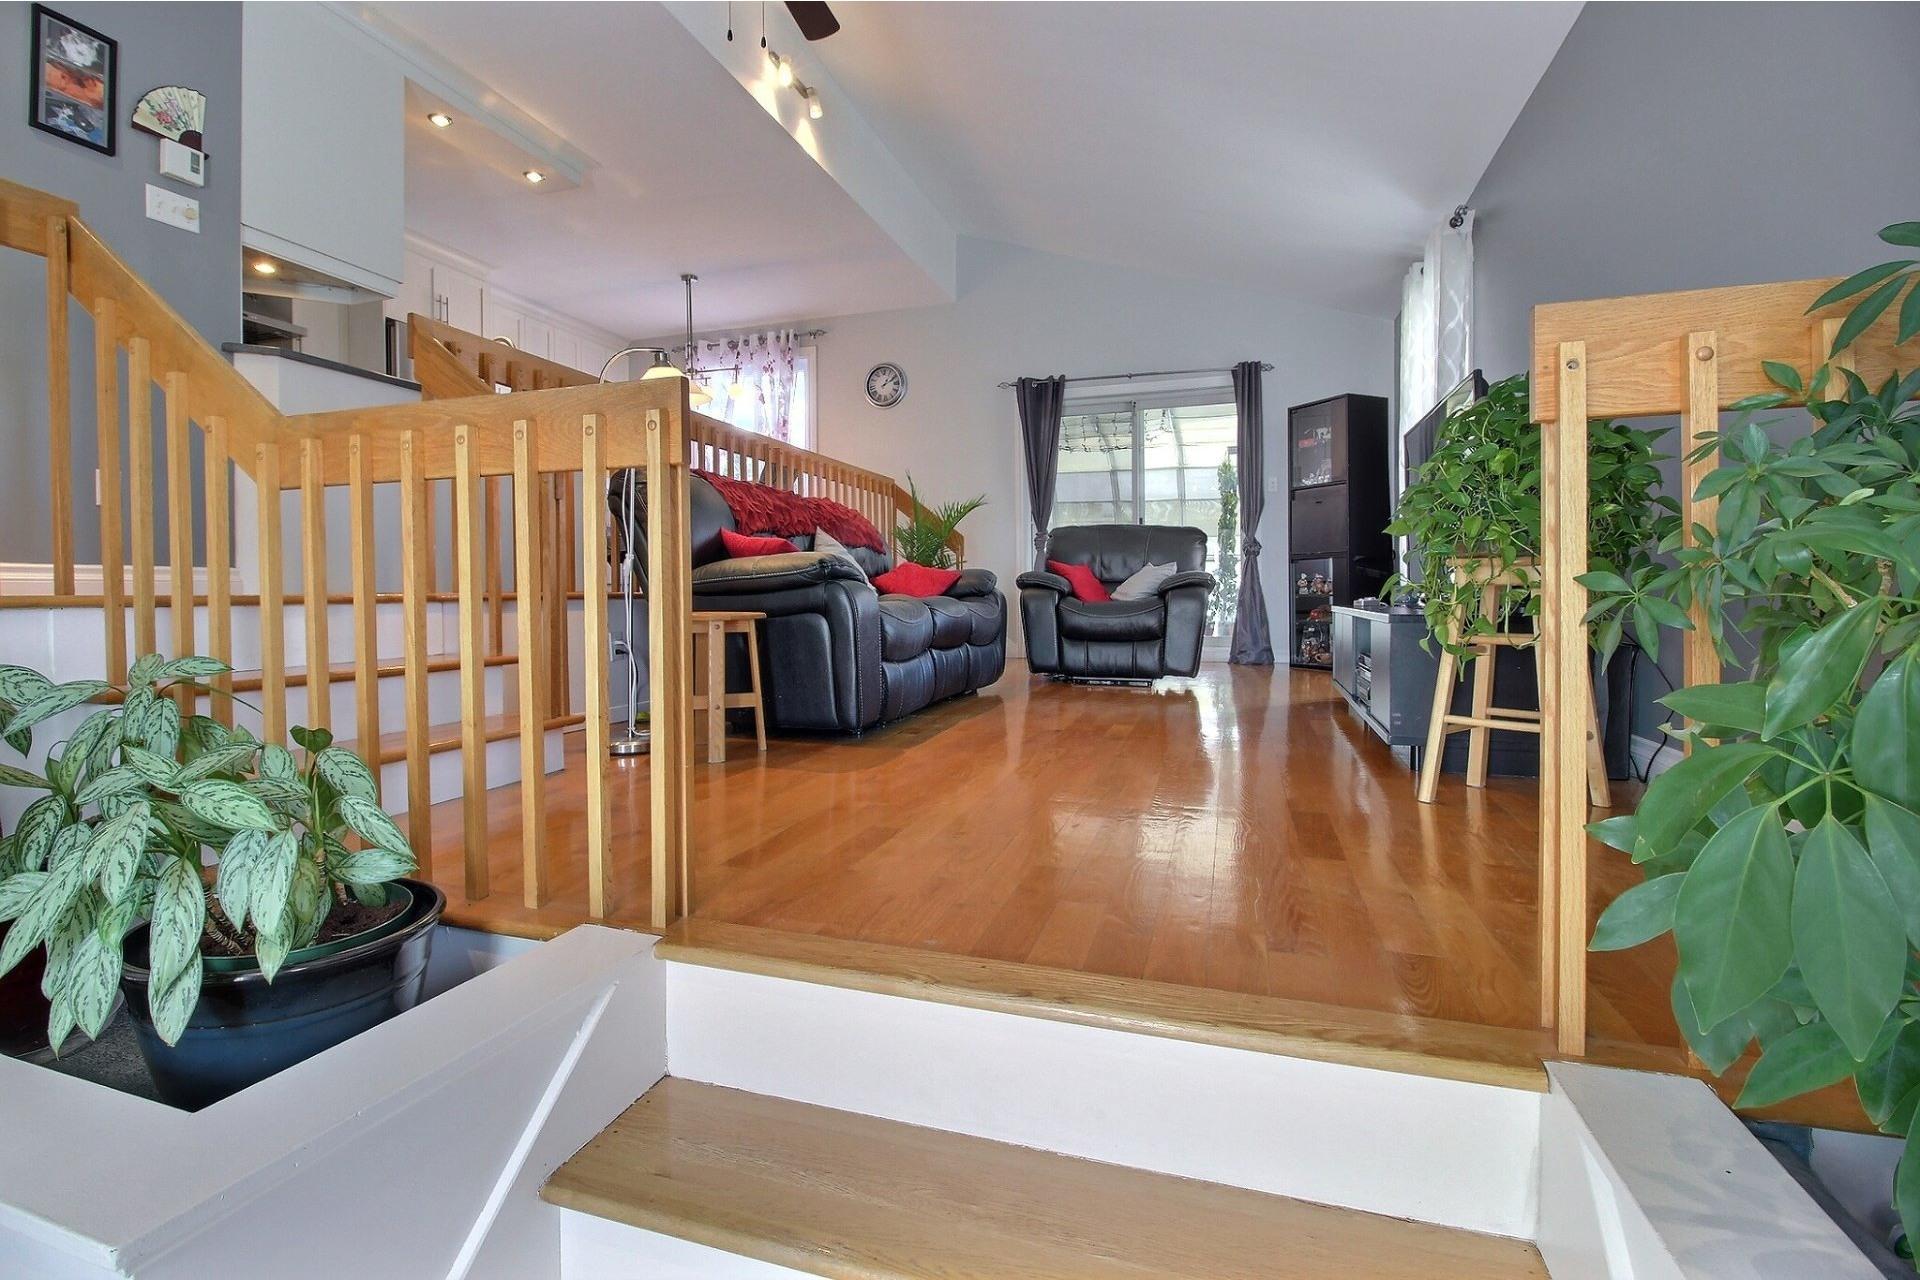 image 2 - Maison À vendre Rivière-des-Prairies/Pointe-aux-Trembles Montréal  - 8 pièces